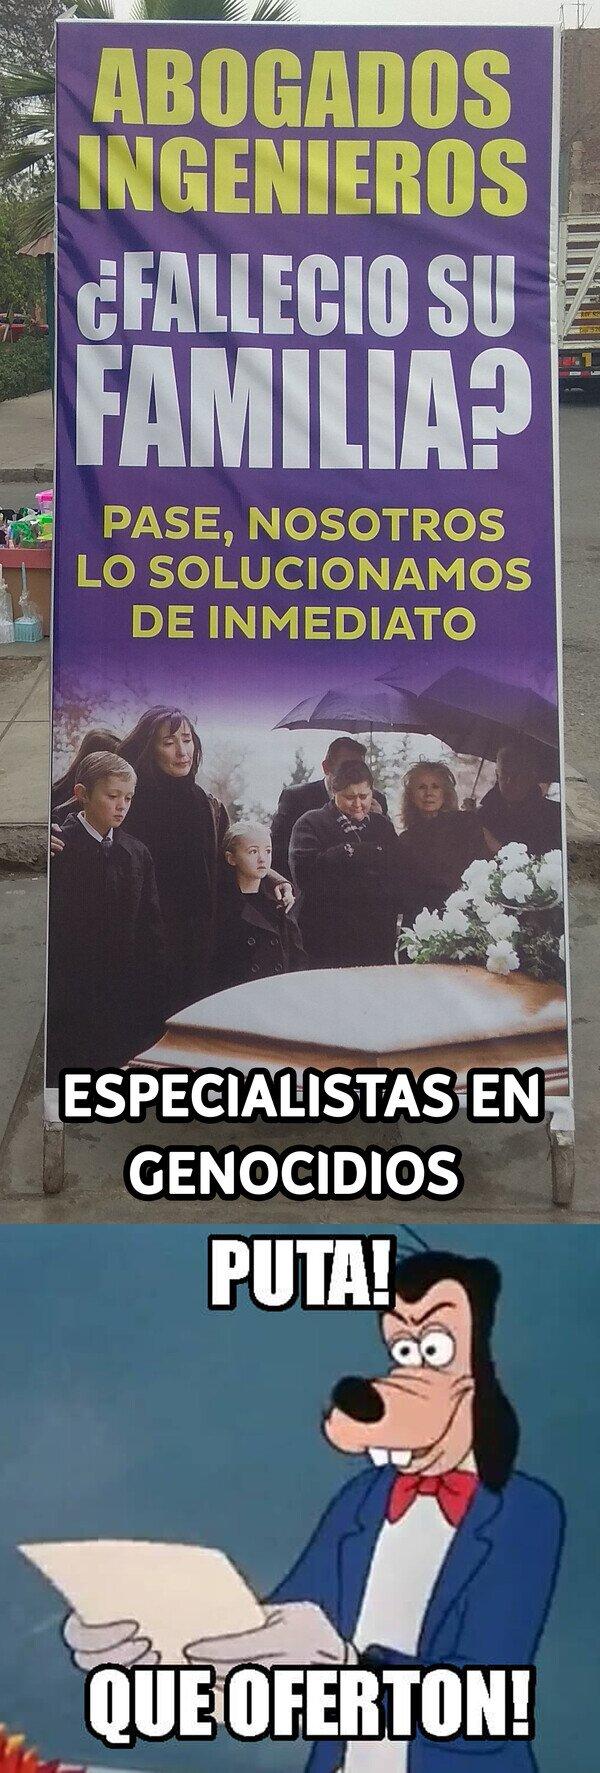 Otros - Asesorando genocidios